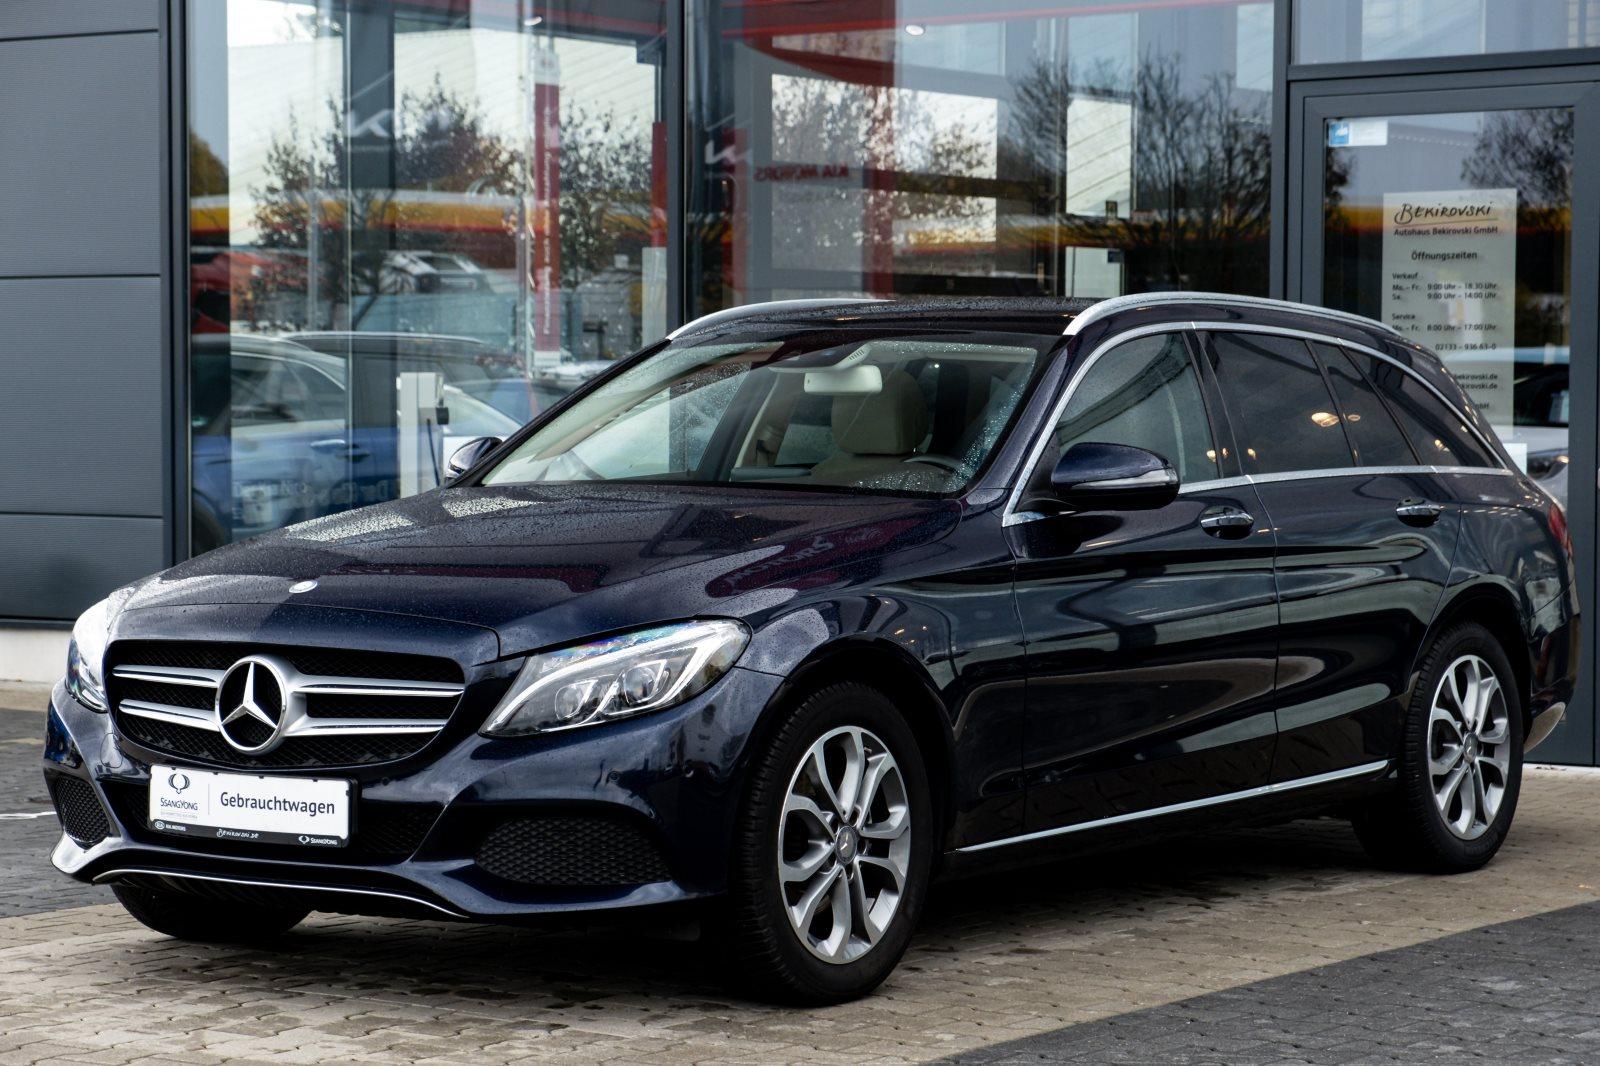 Mercedes-Benz C 200 CGI T+Navi+ Automatik+AHK+Pano+, Jahr 2015, Benzin